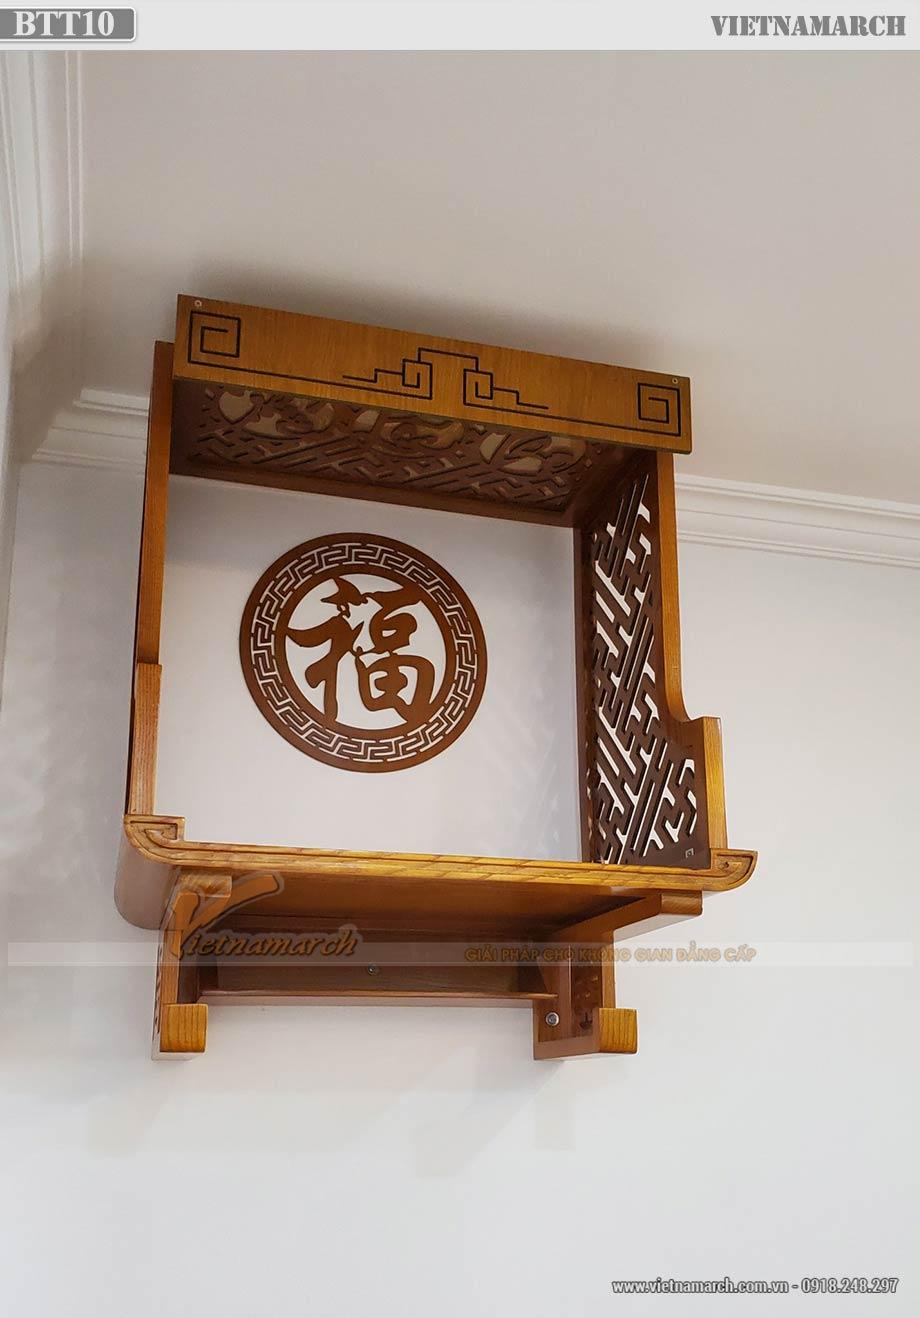 Mẫu ban thờ treo BTT10 gỗ sồi 48x69cm cho chung cư Tháp Thiên Niên Kỷ